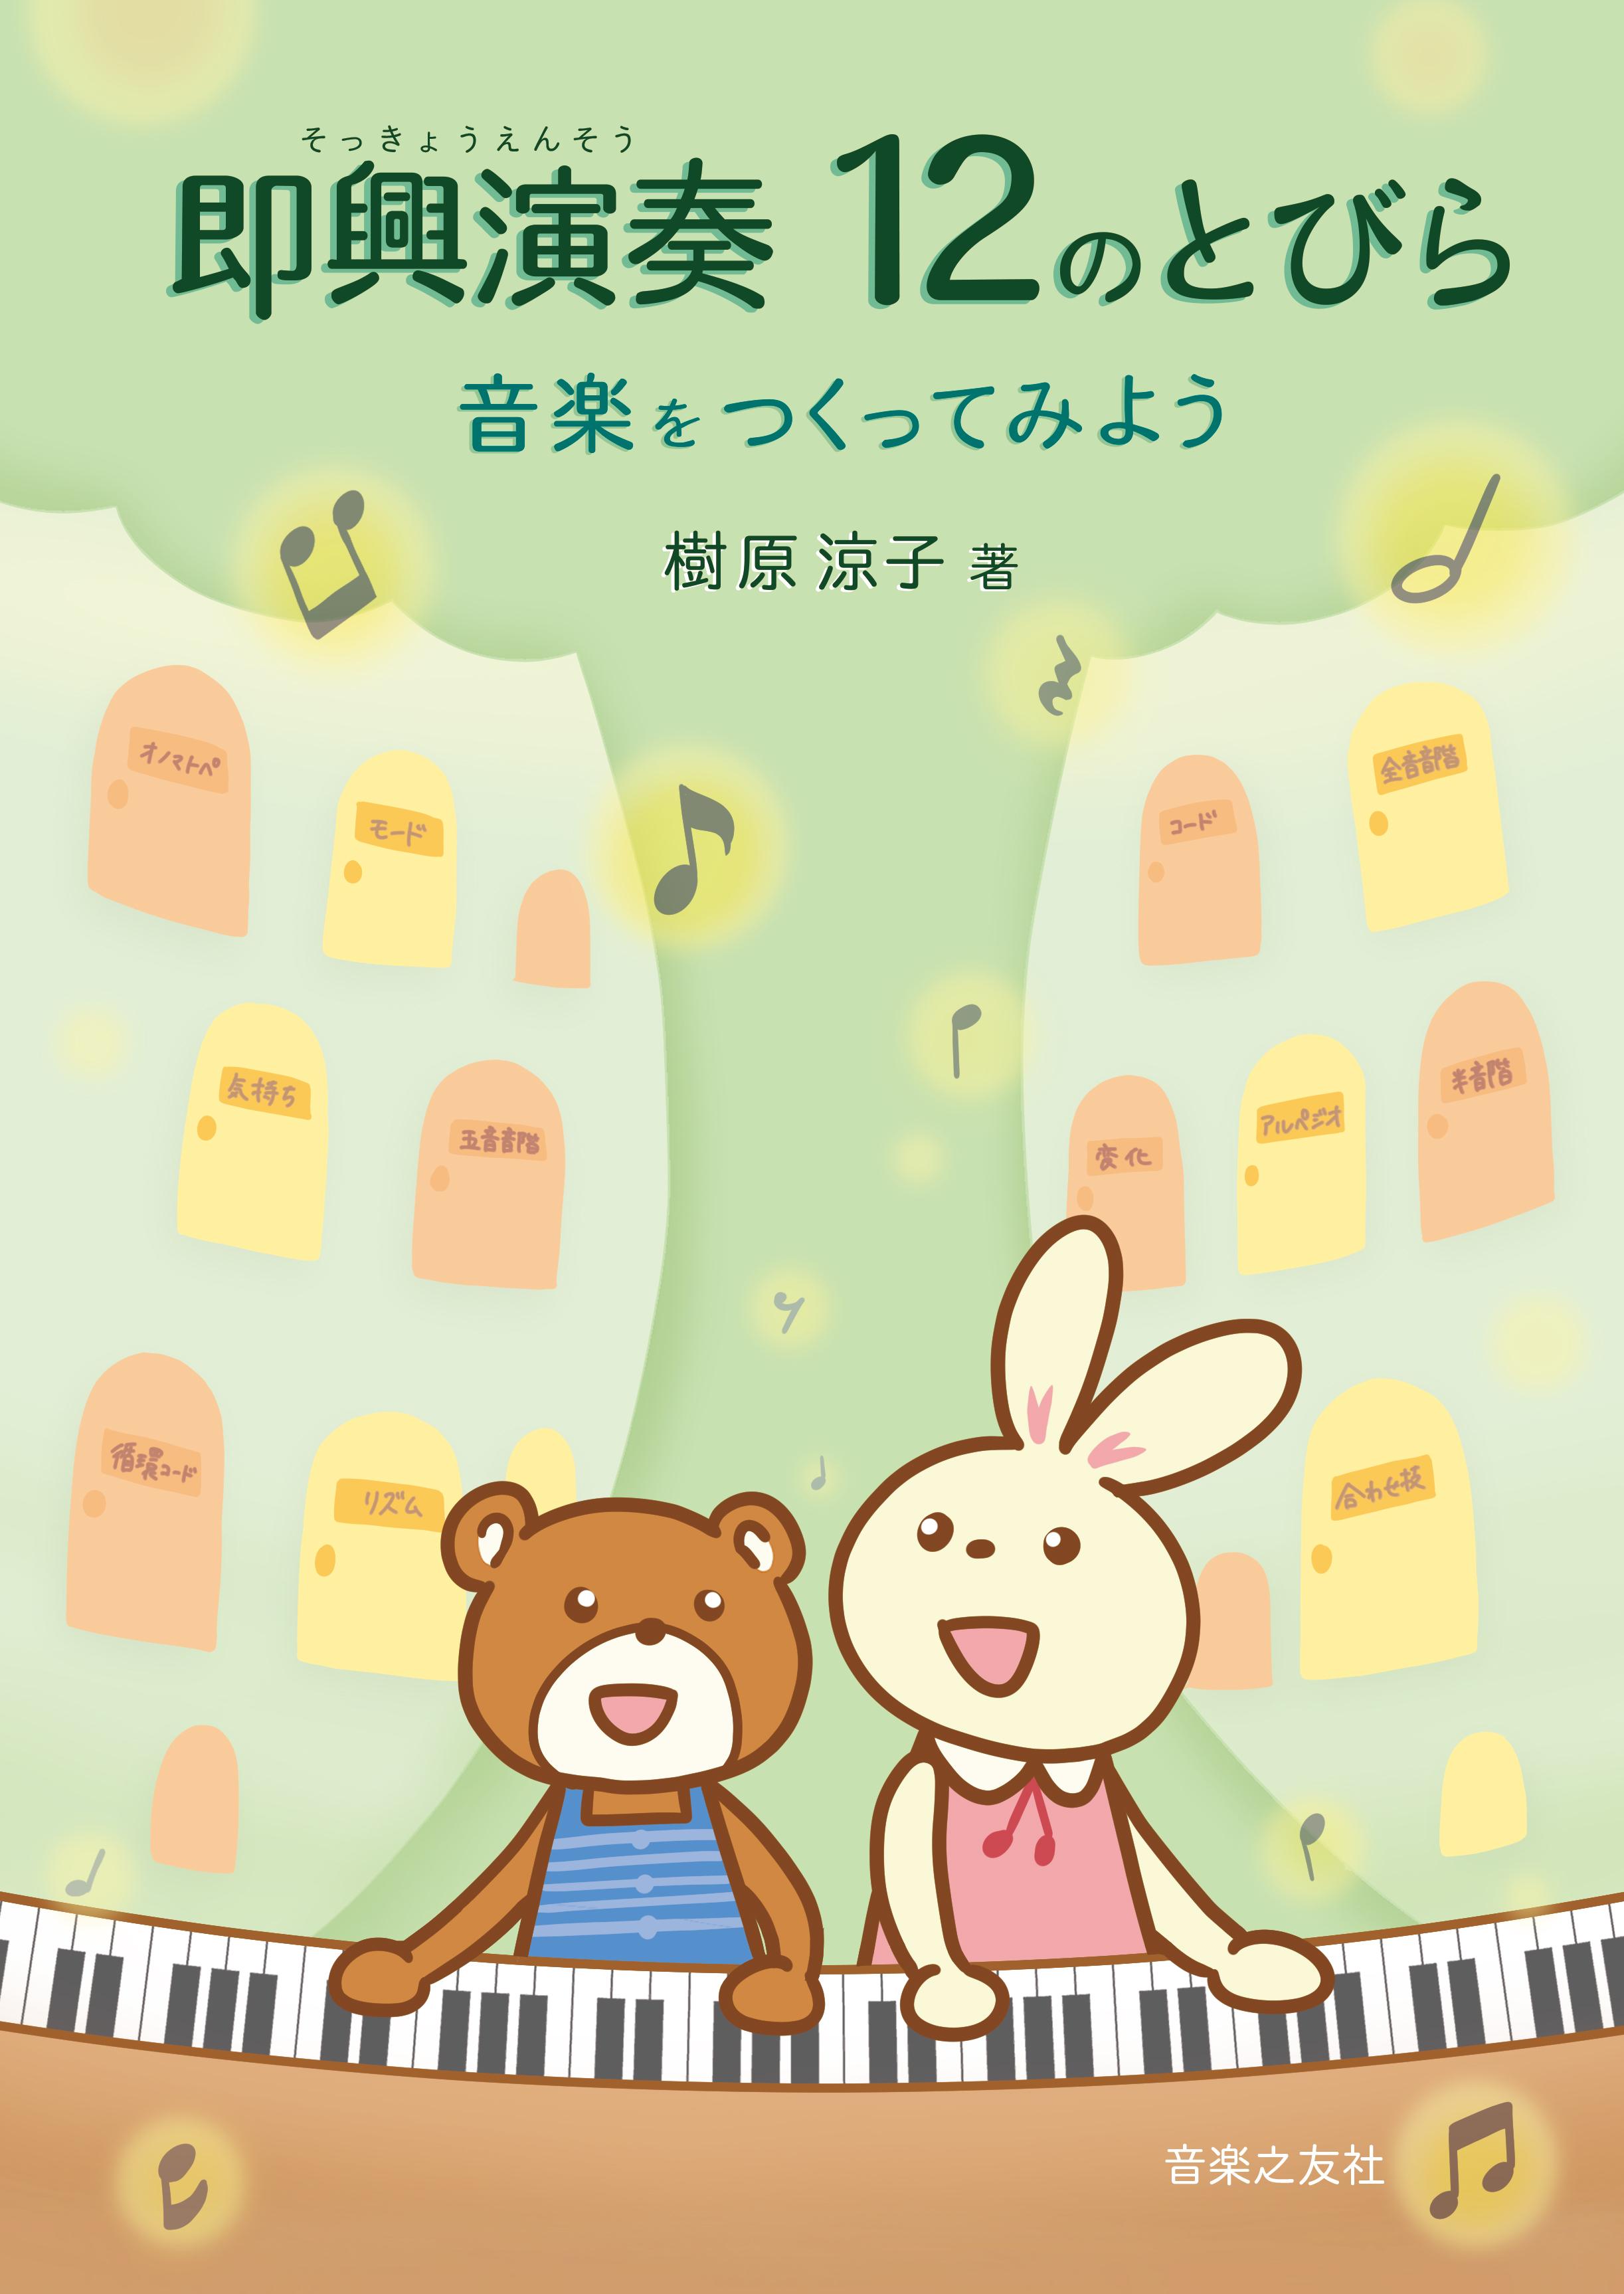 『即興演奏12のとびら』勉強会  第14回「みなさんの演奏発表」東京 樹原涼子クラス